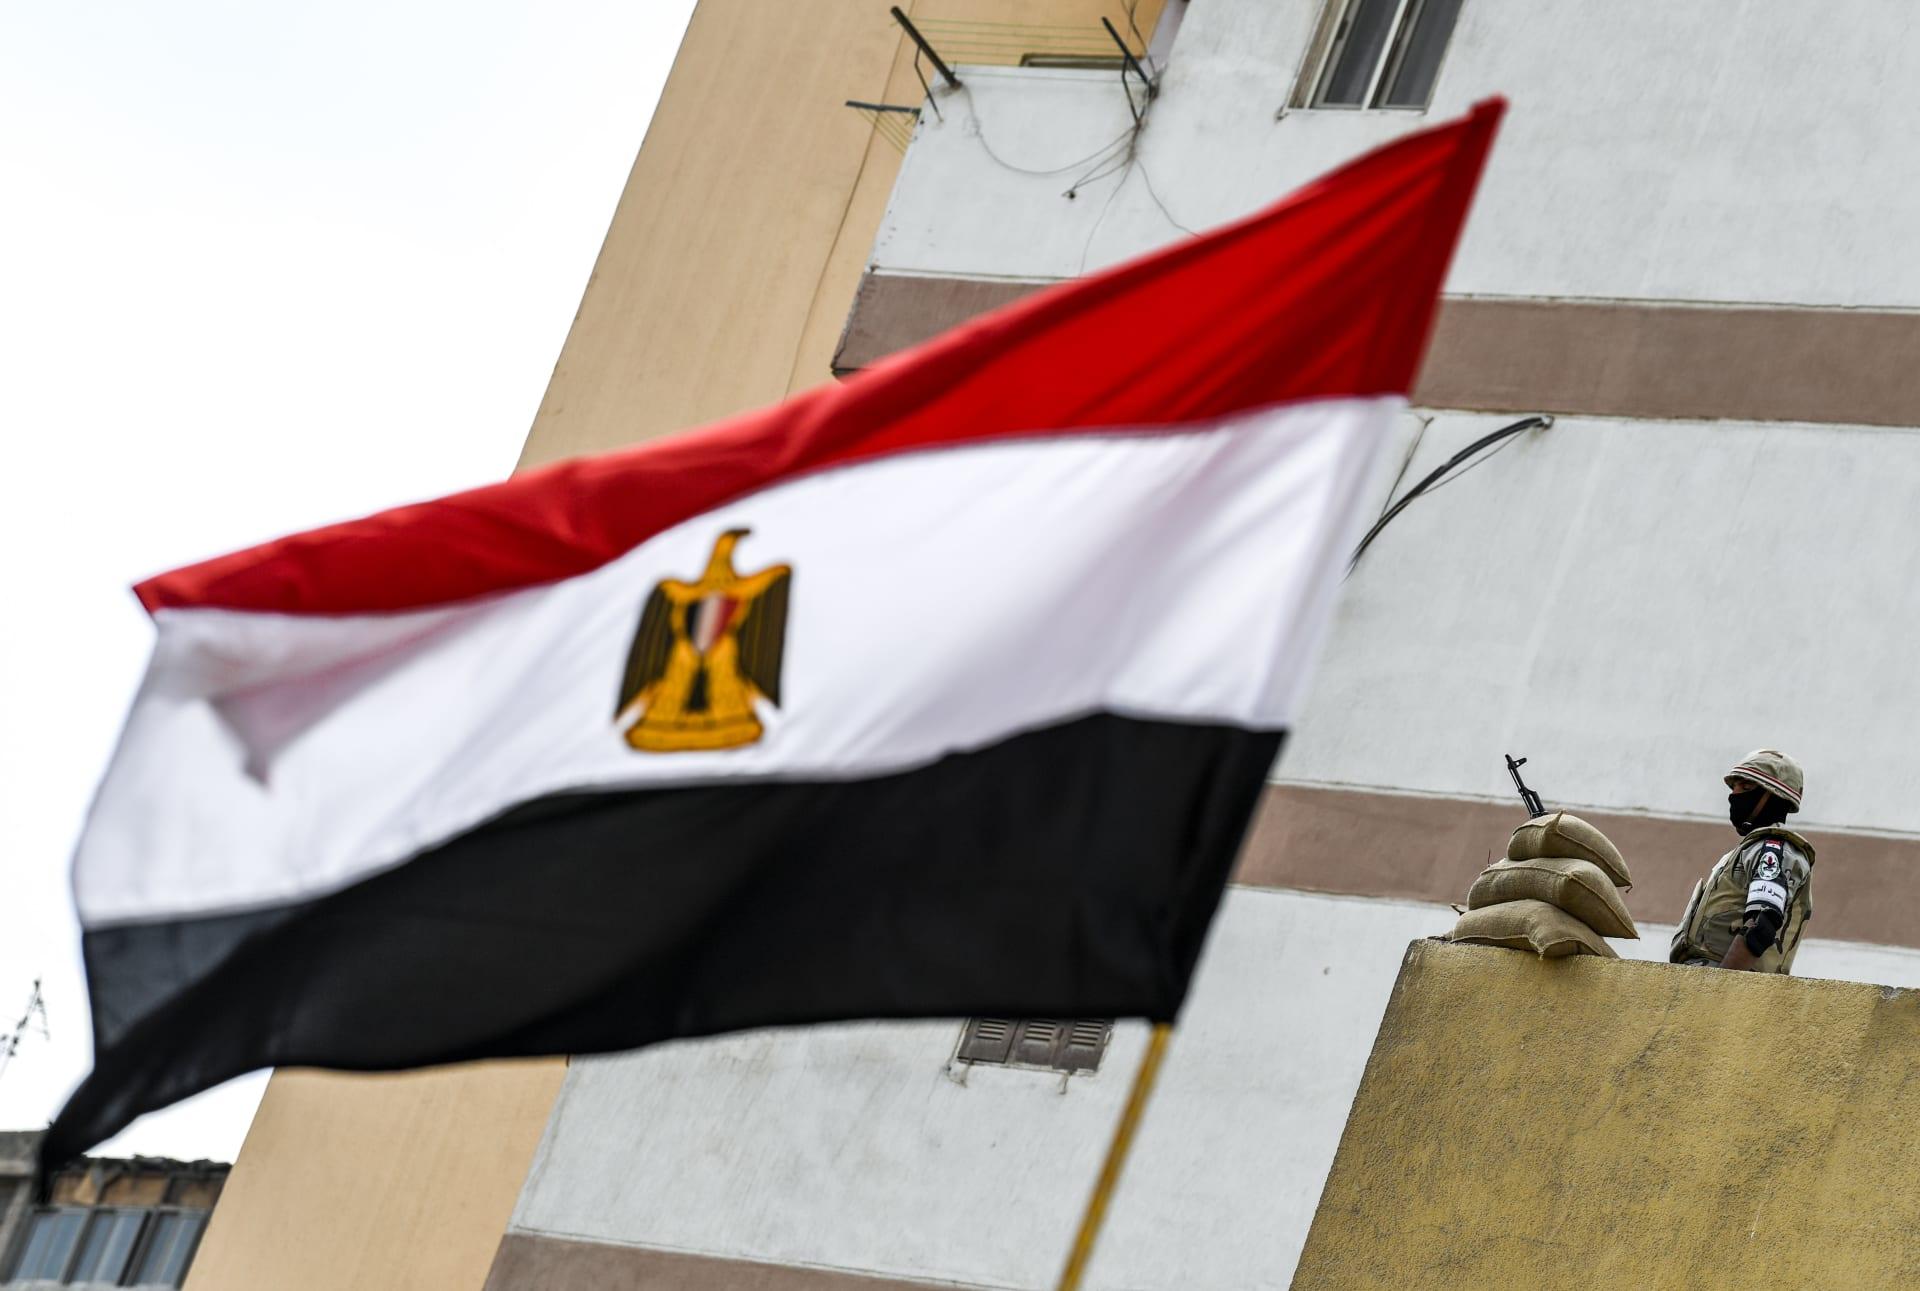 أول تعليق من الأزهر ودار الإفتاء المصرية على تفويض البرلمان للسيسي بإرسال جنود إلى ليبيا